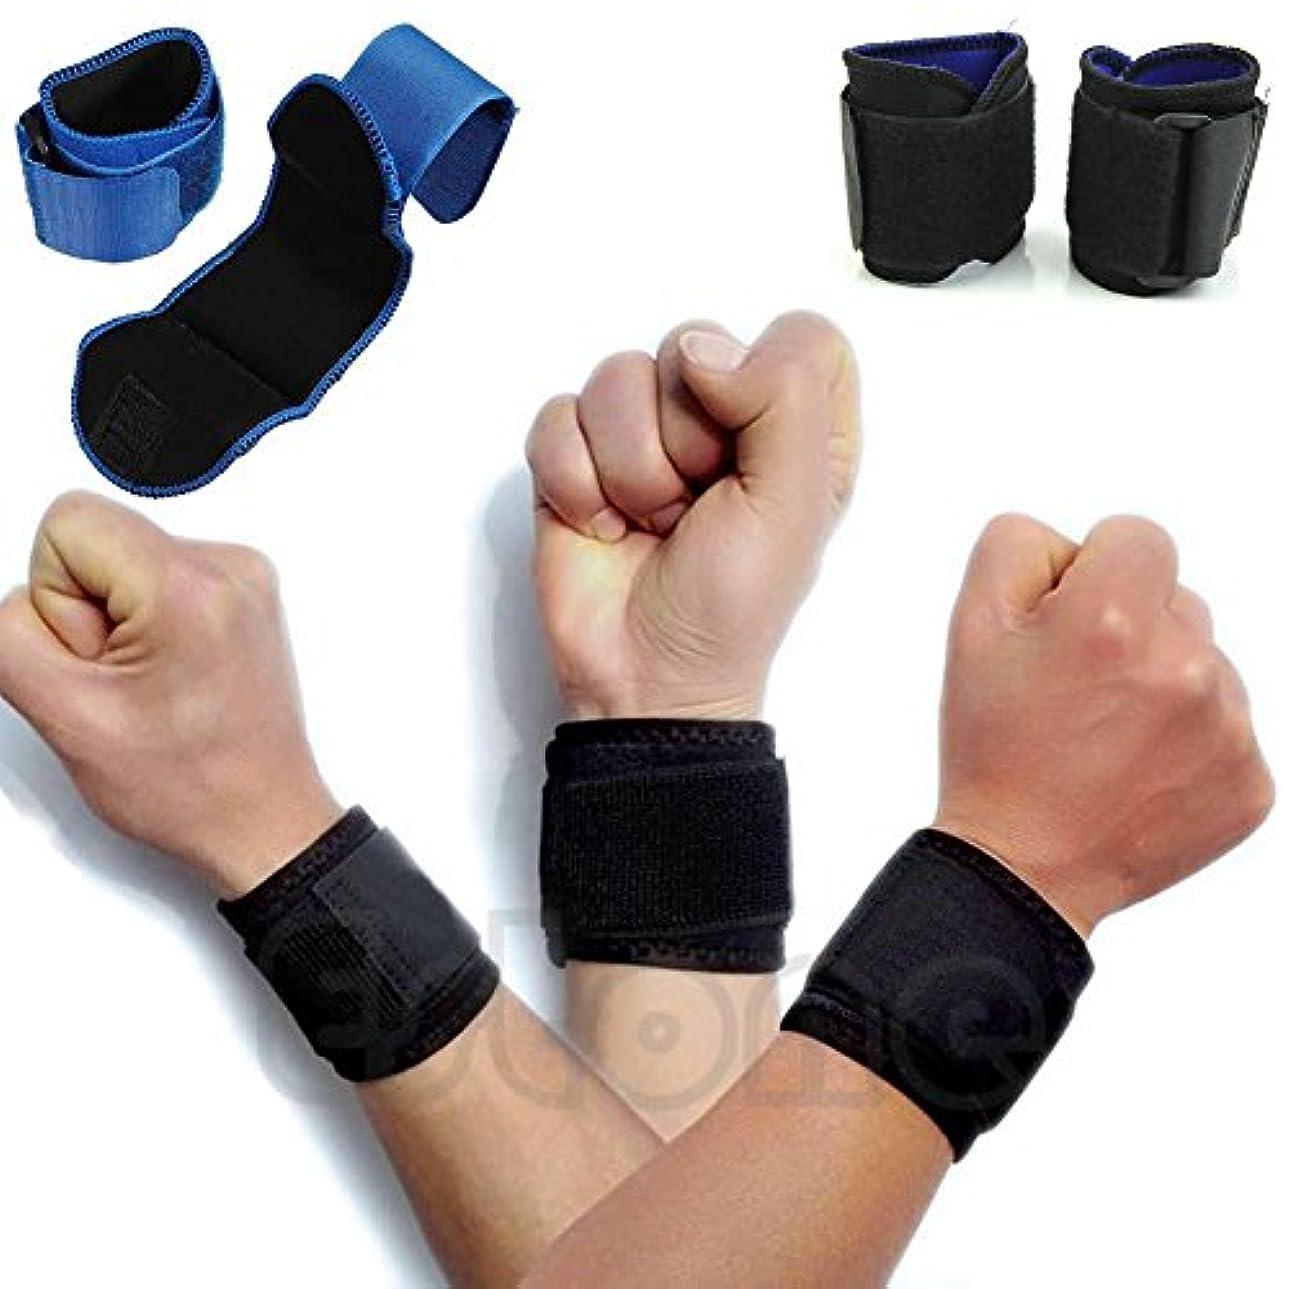 三投資暴動新 調節可 スポーツ用 手首 巻き付け 包帯 ジム支援 締付手首バンド 1カップル